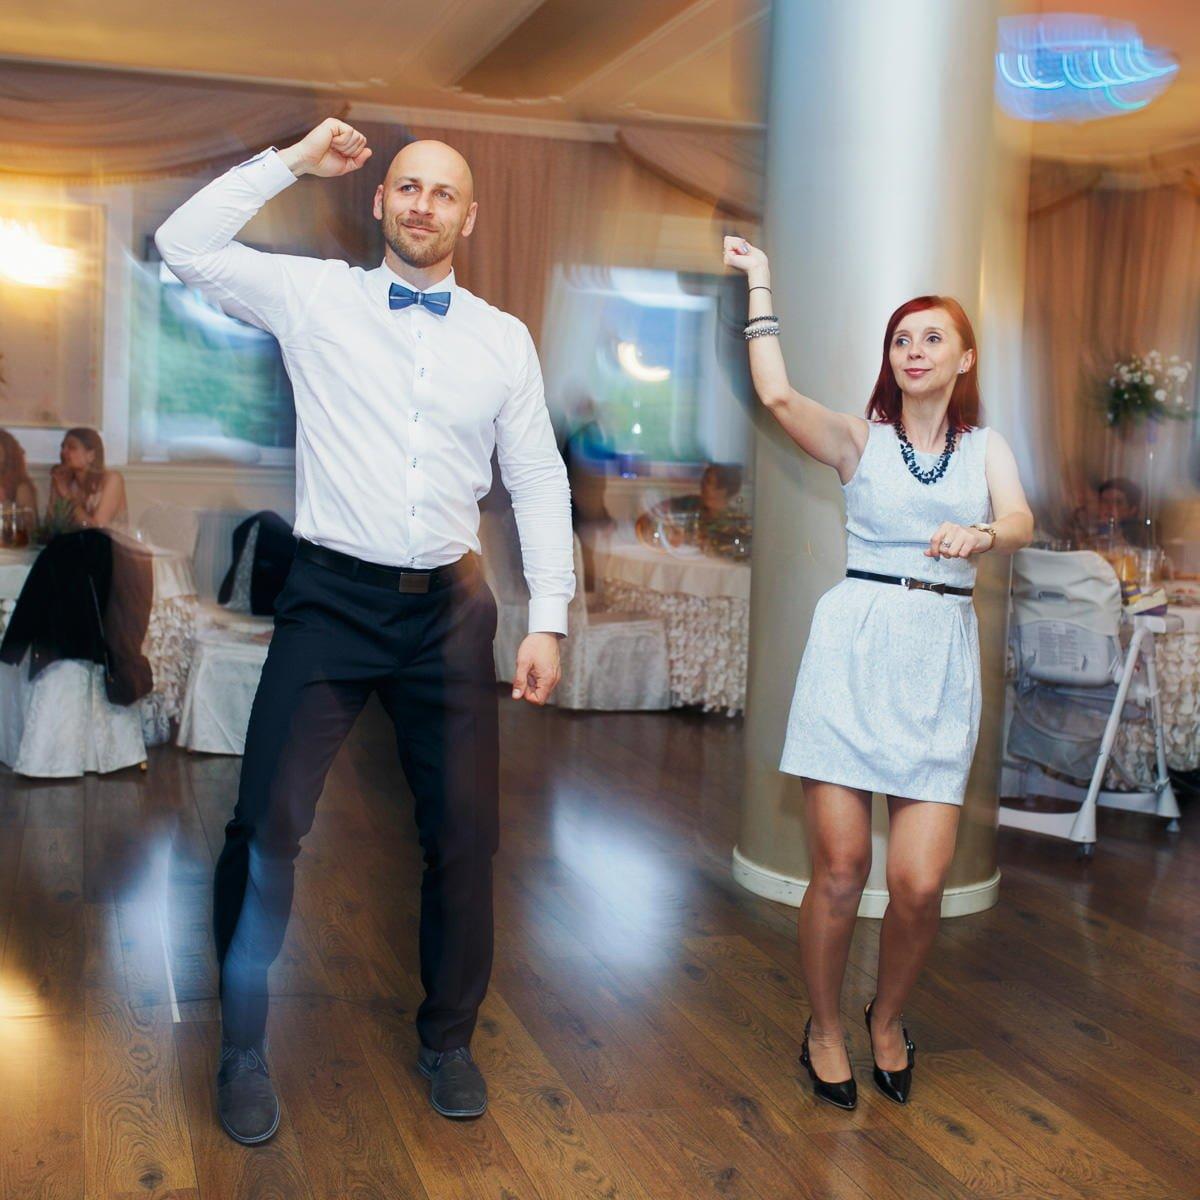 fotograf slub bielsko biala ania maciej 126 - Ślub w Bielsku-Białej - ANIA & MACIEJ